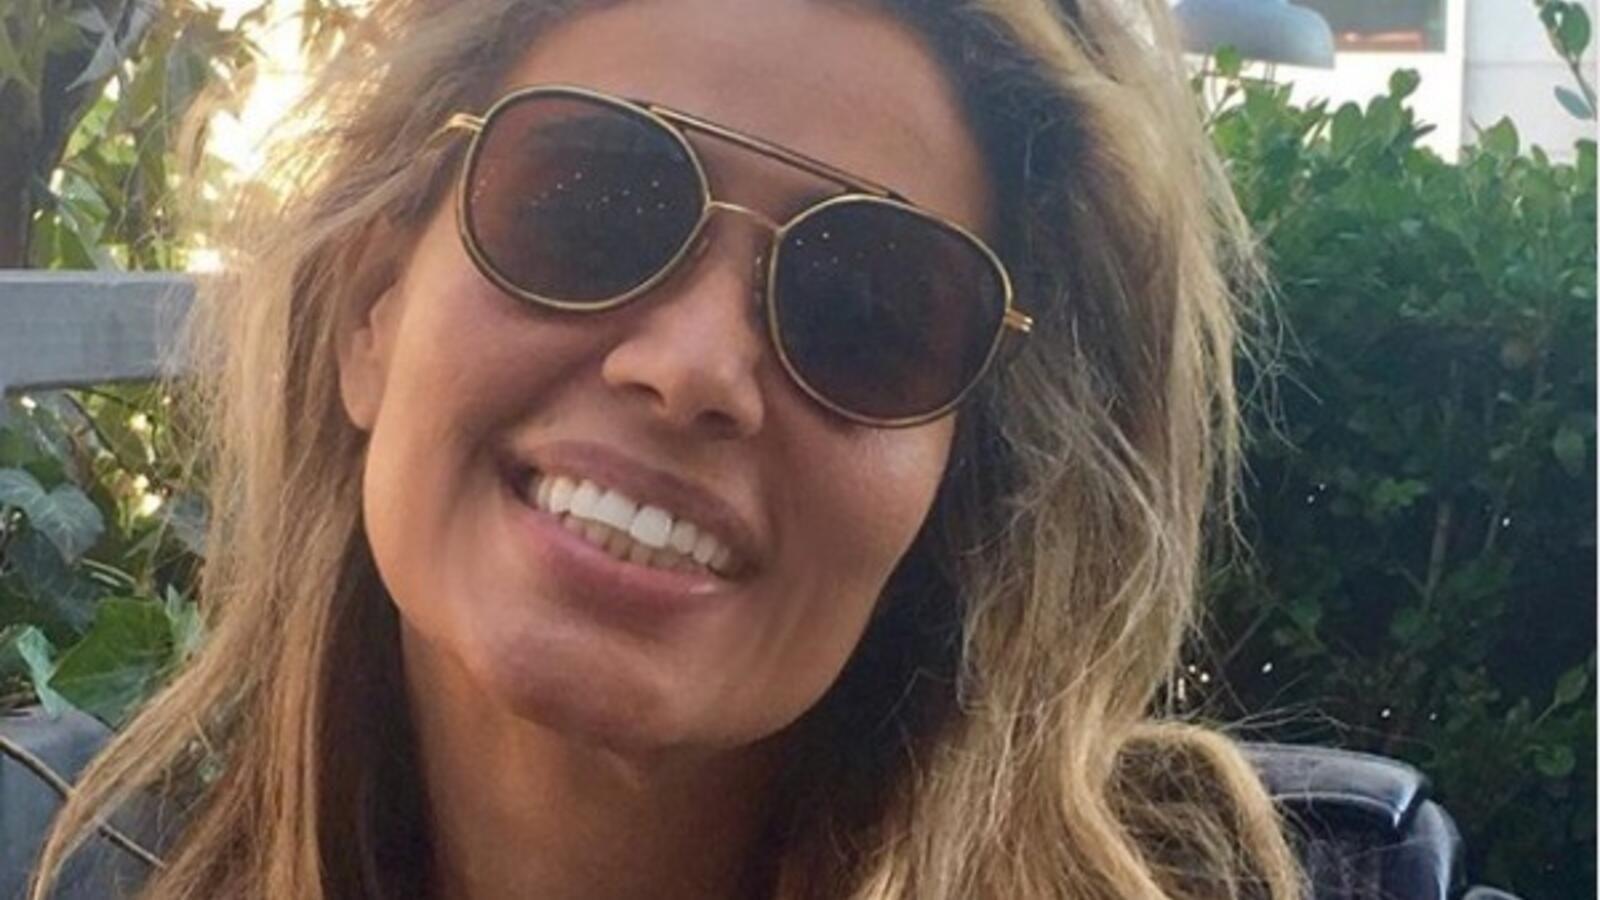 زينة عاشور زوجة عمرو دياب ت عايد توأمها وسط تجاهل الأخير Sunglasses Women Sunglasses Women